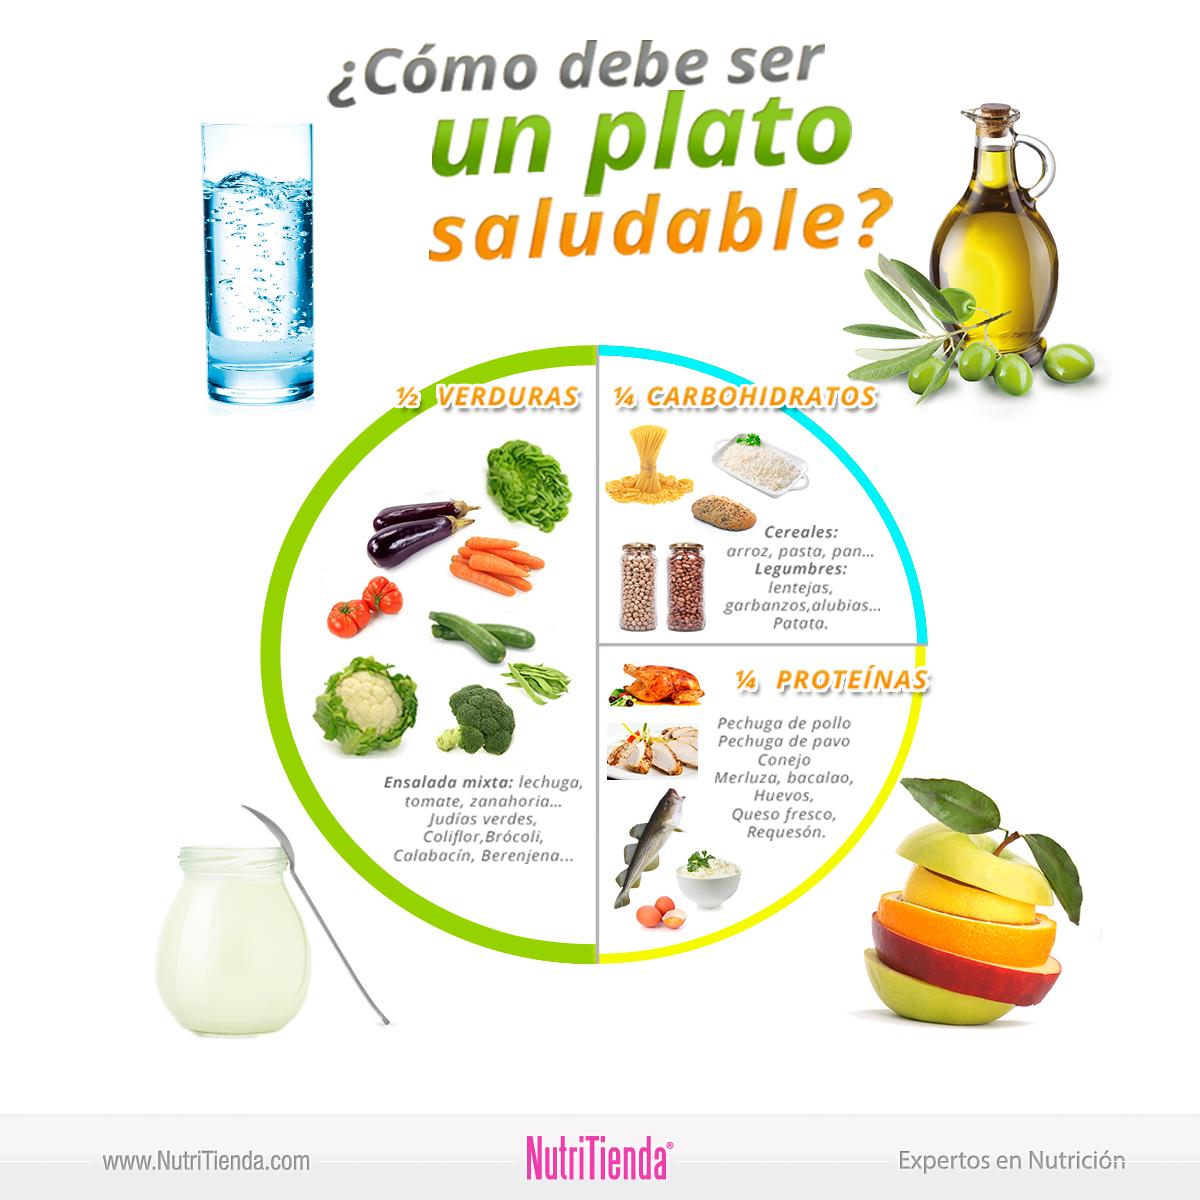 1 2 De Verduras 1 4 Carbohidratos 1 4 Proteínas Ya Puedes Crear Tu Plato Salud Platos Saludables Snacks Saludables Recetas Comida Saludable Ensaladas